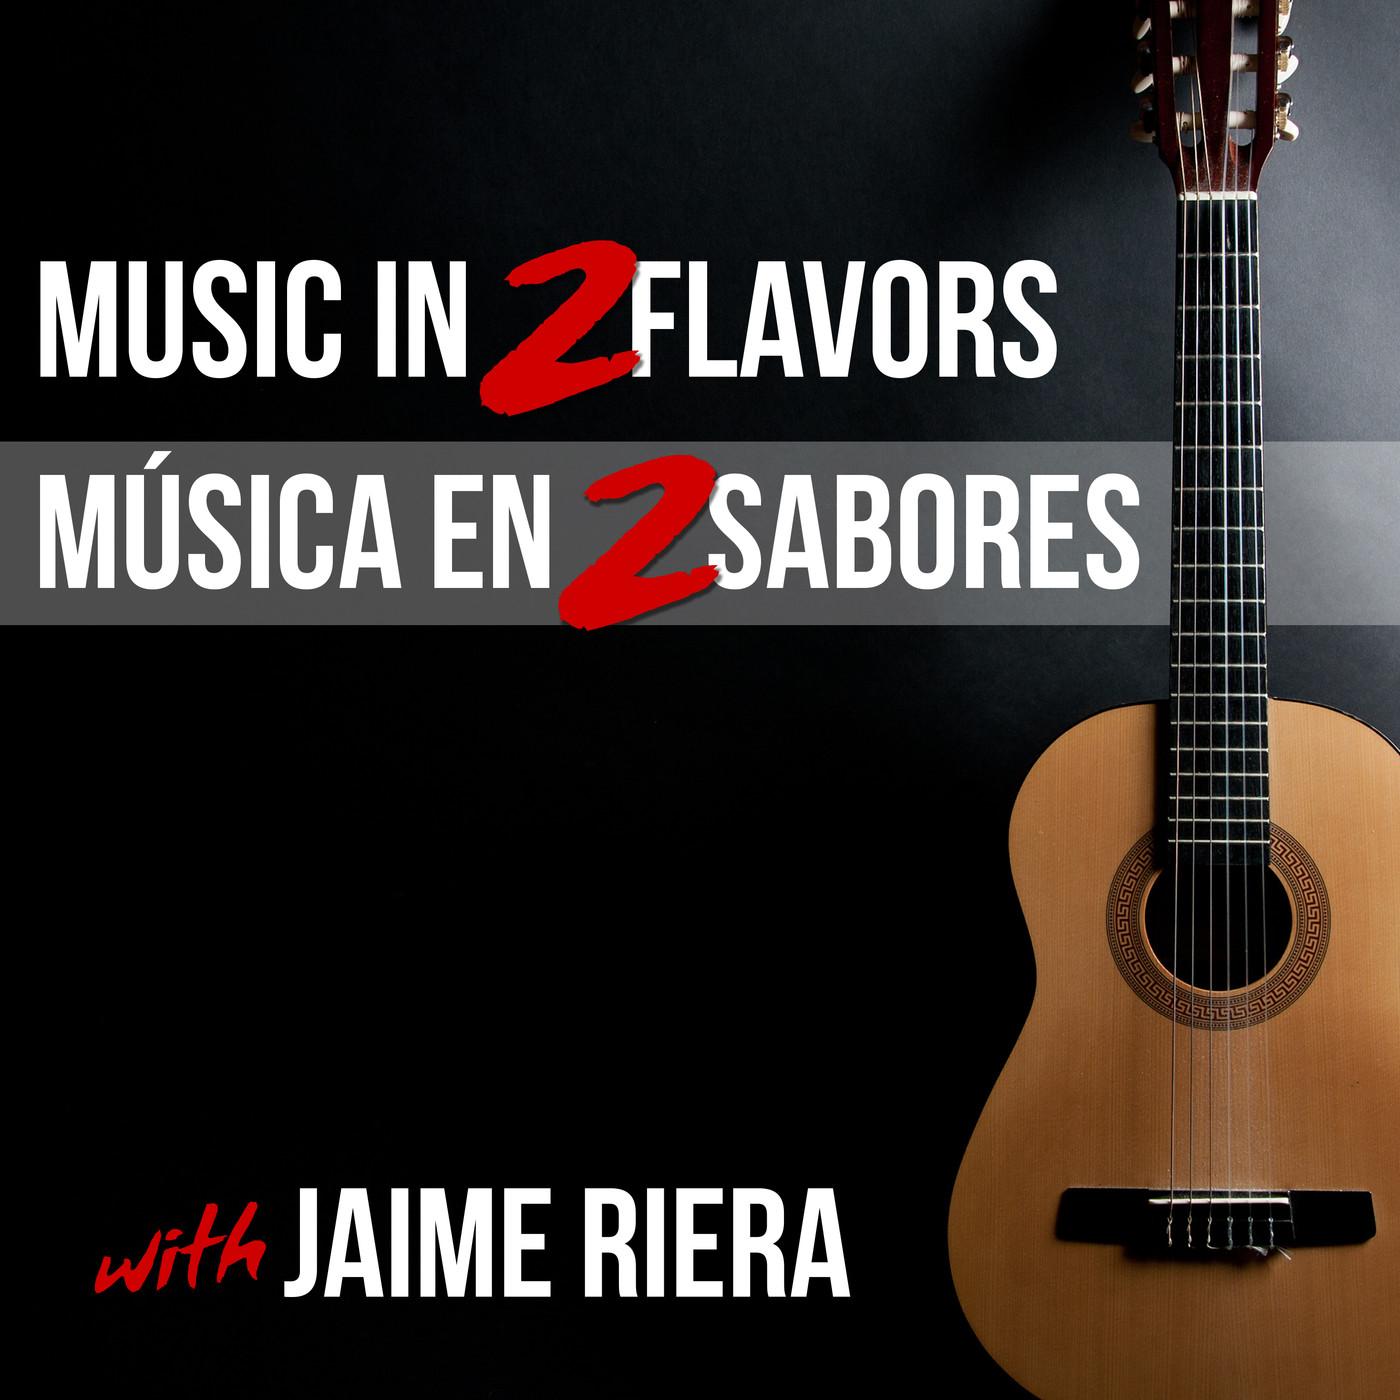 Episodio 146 Isabel Villagar, creatividad musical